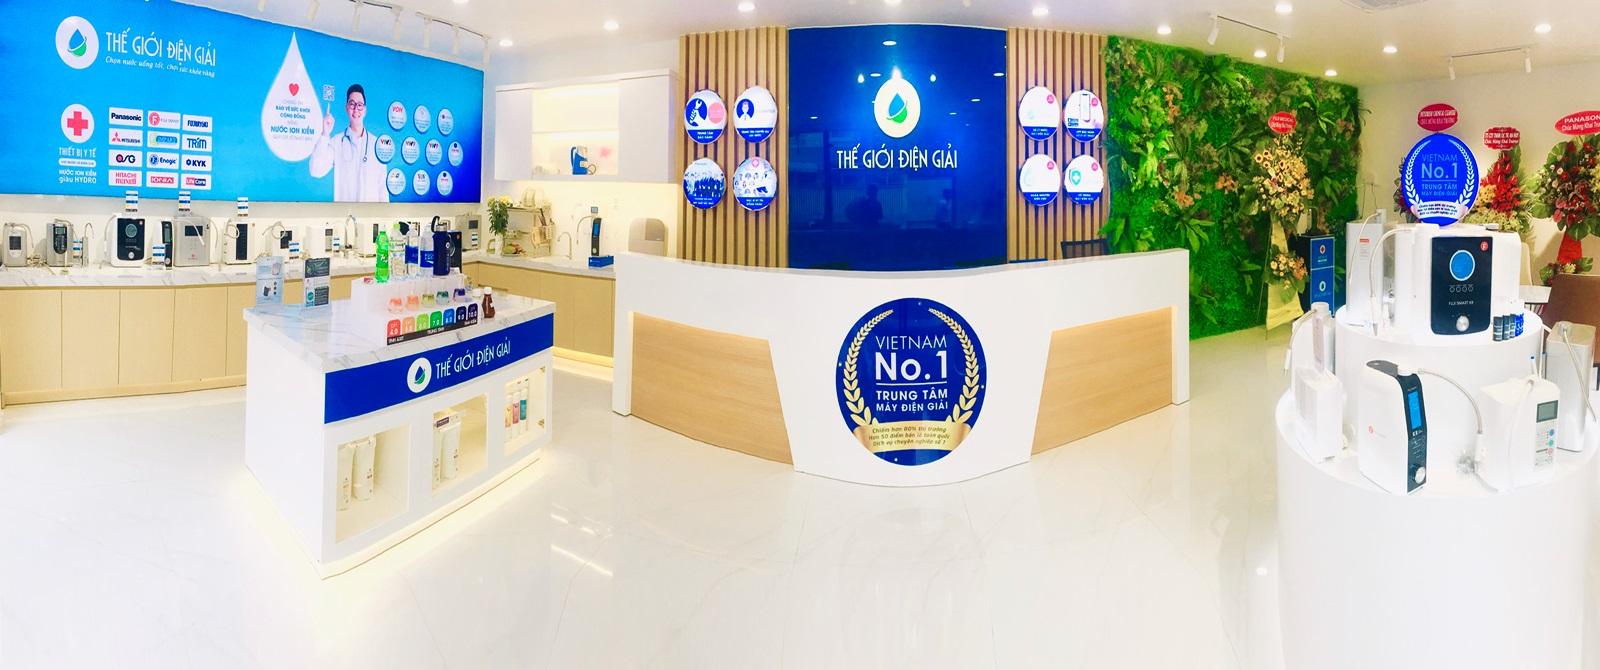 Showroom Thế Giới Điện Giải sang trọng với nhiều loại máy điện giải đến từ các thương hiệu nổi tiếng